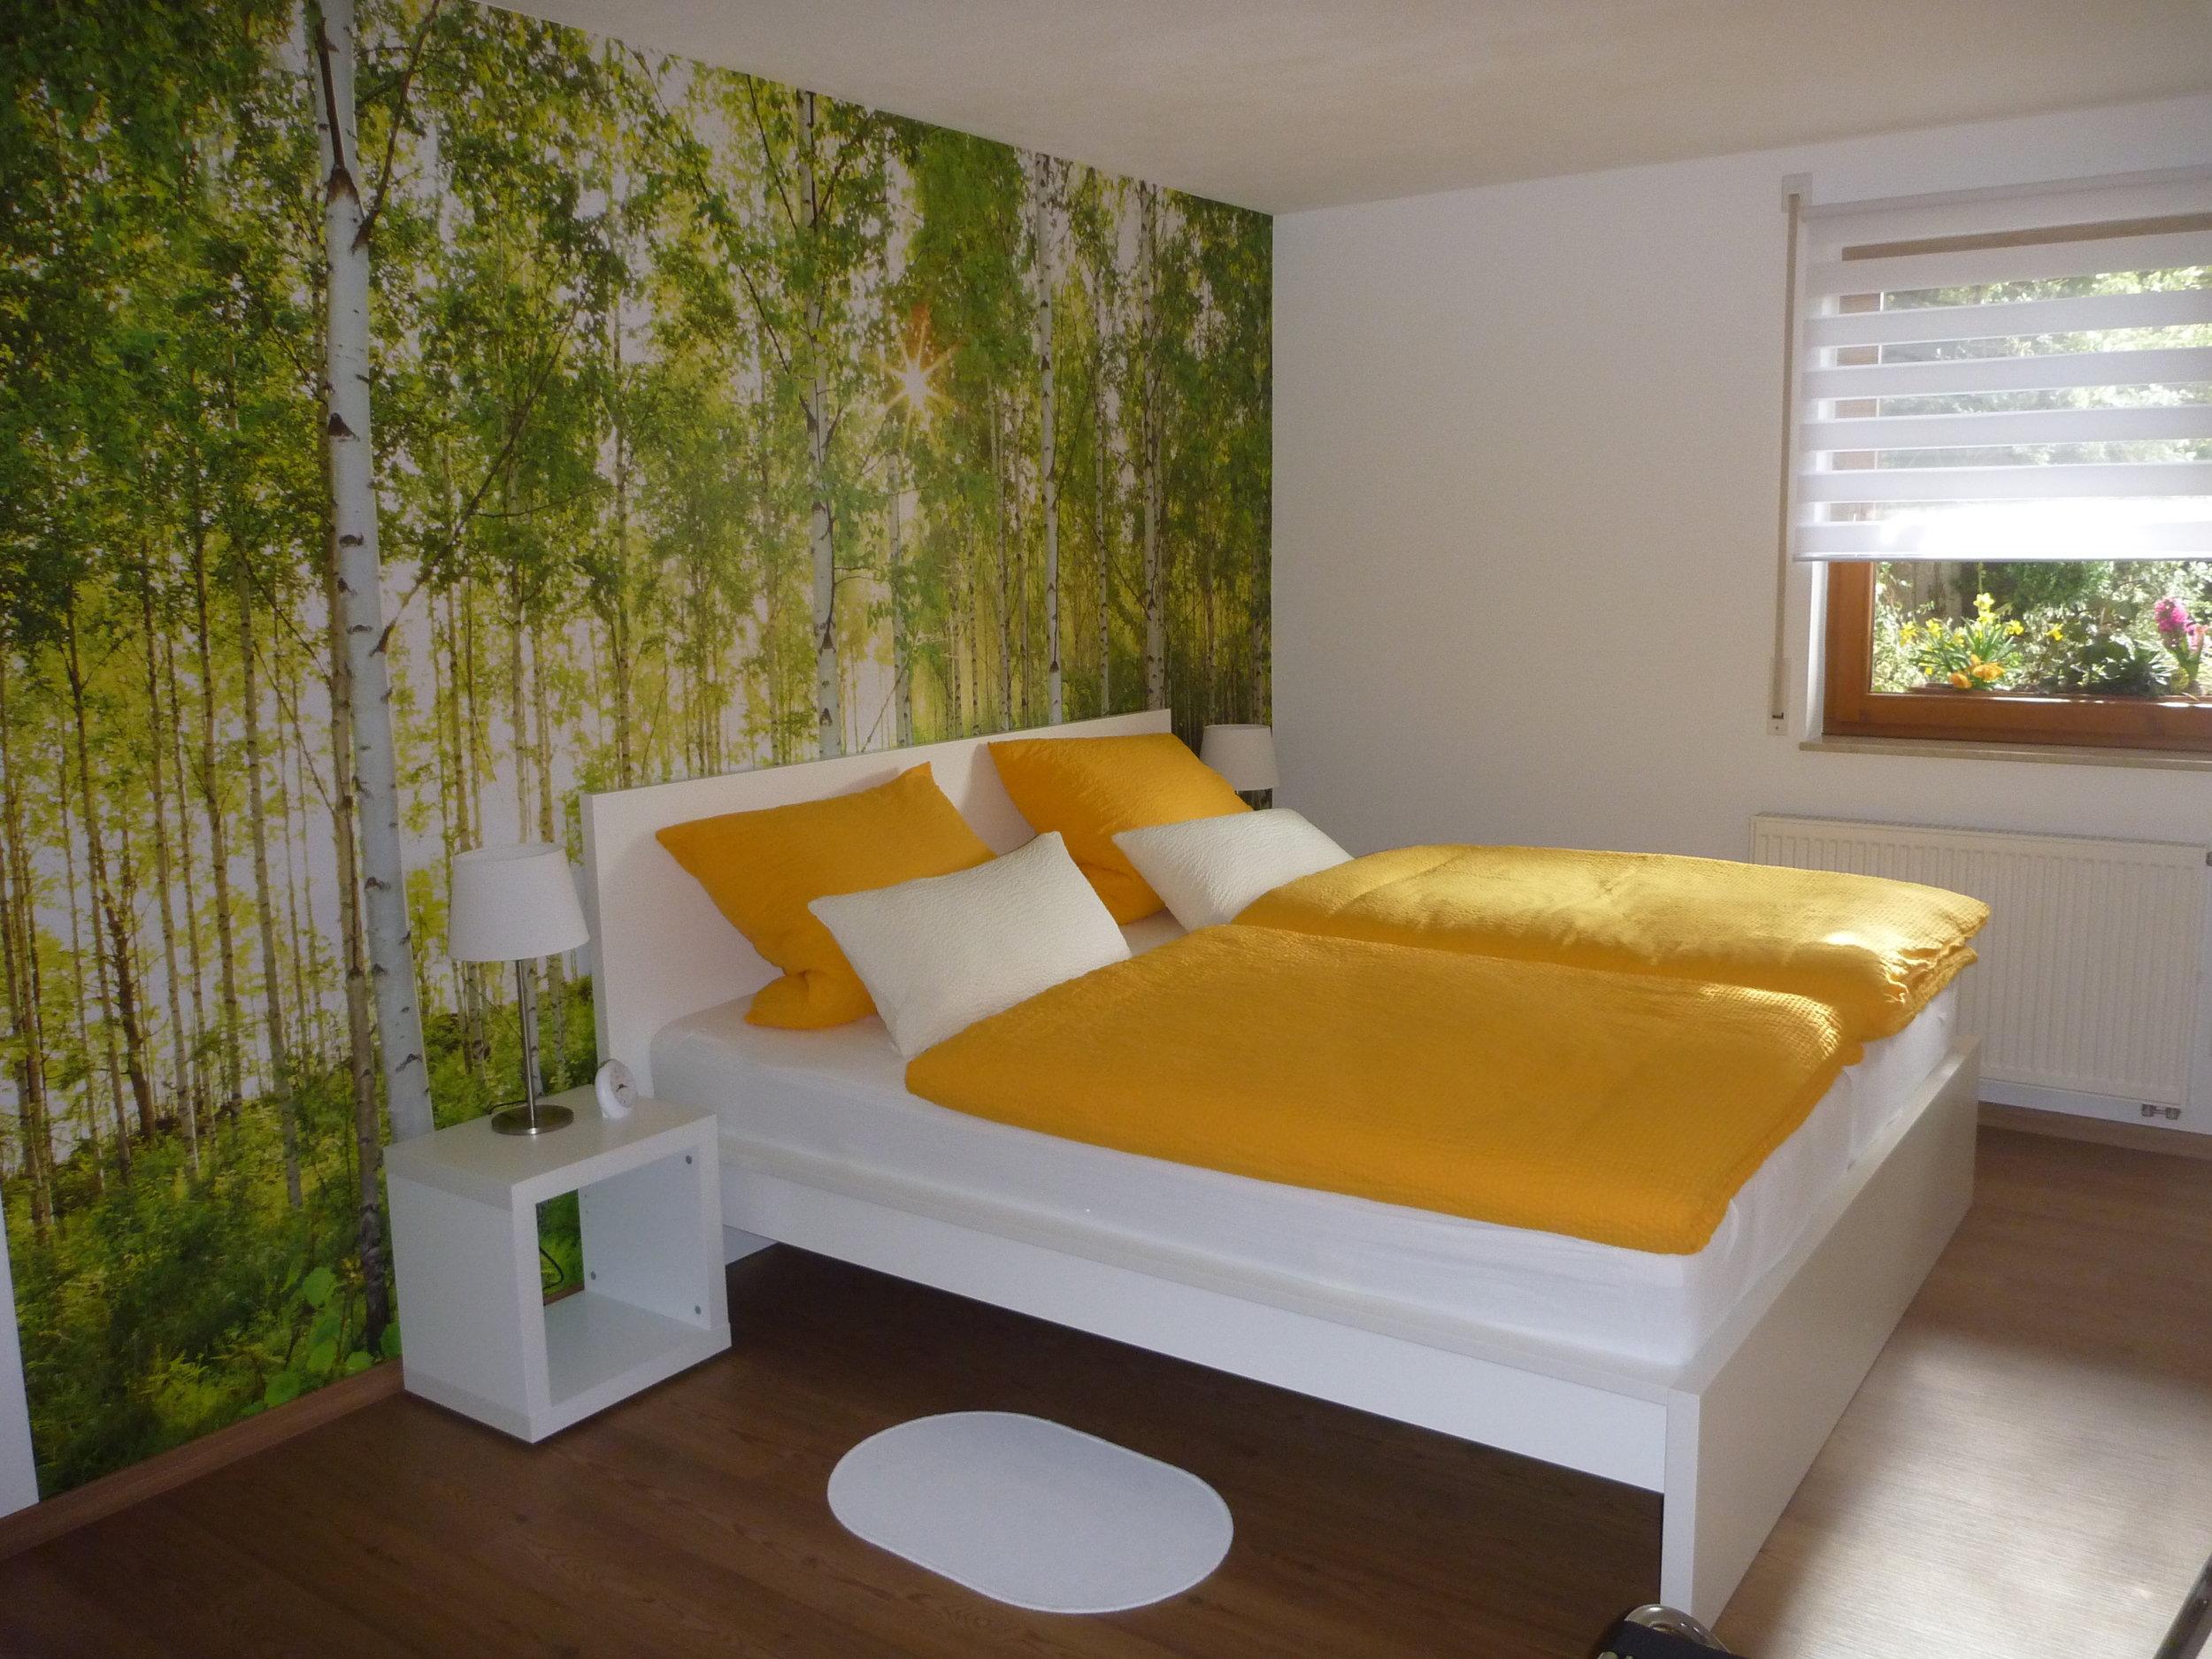 Schlafzimmer_1_big.jpg